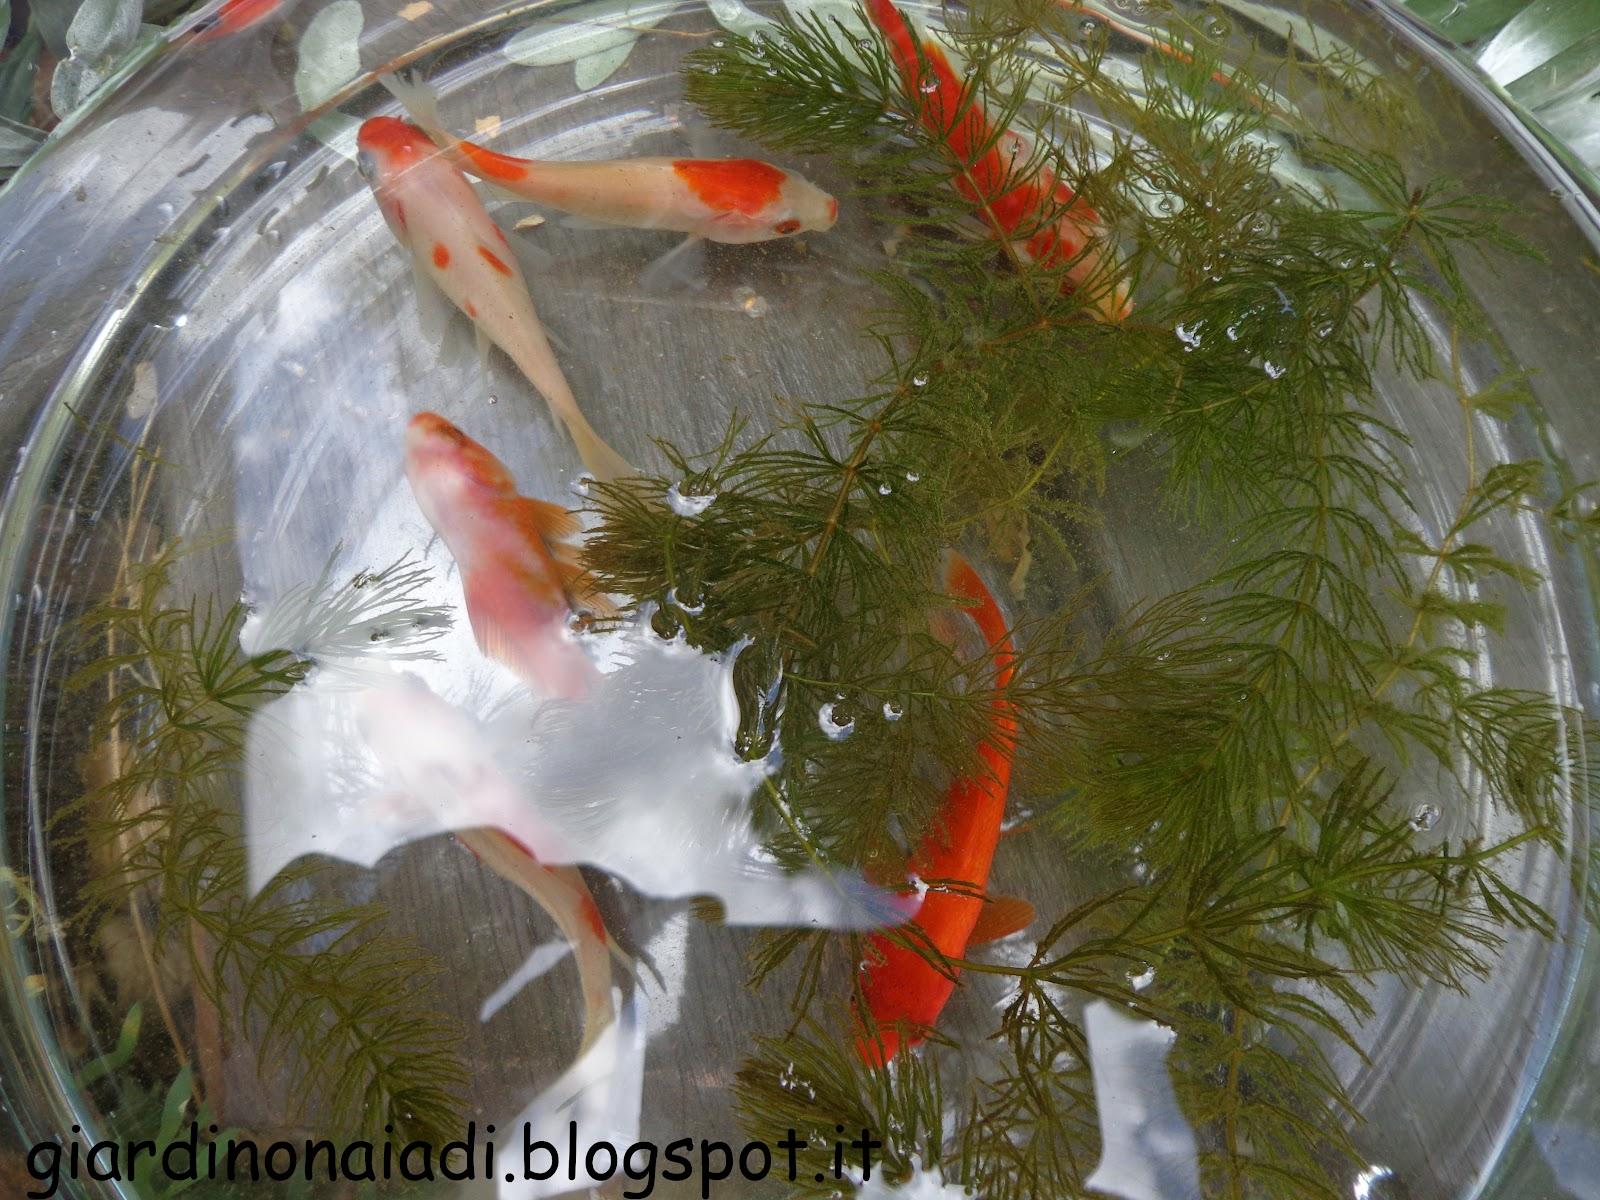 Il giardino delle naiadi carassius auratus pesce rosso for Pesce rosso butterfly